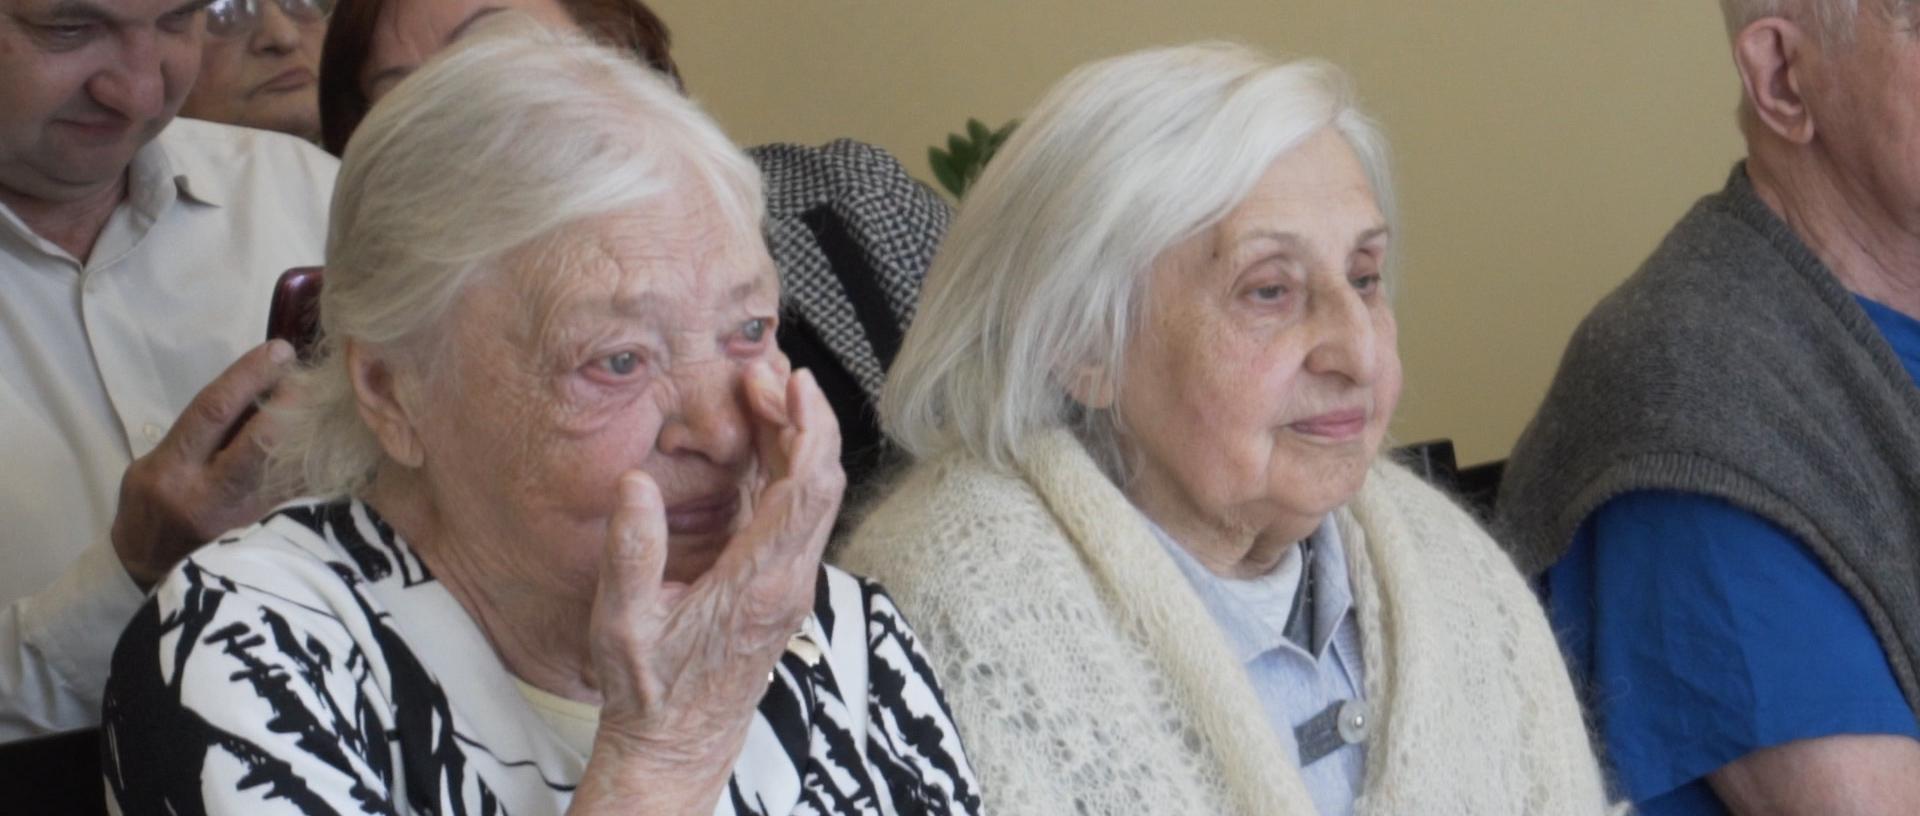 Дом престарелых стандарт пансионат для пожилых людей в тольятти